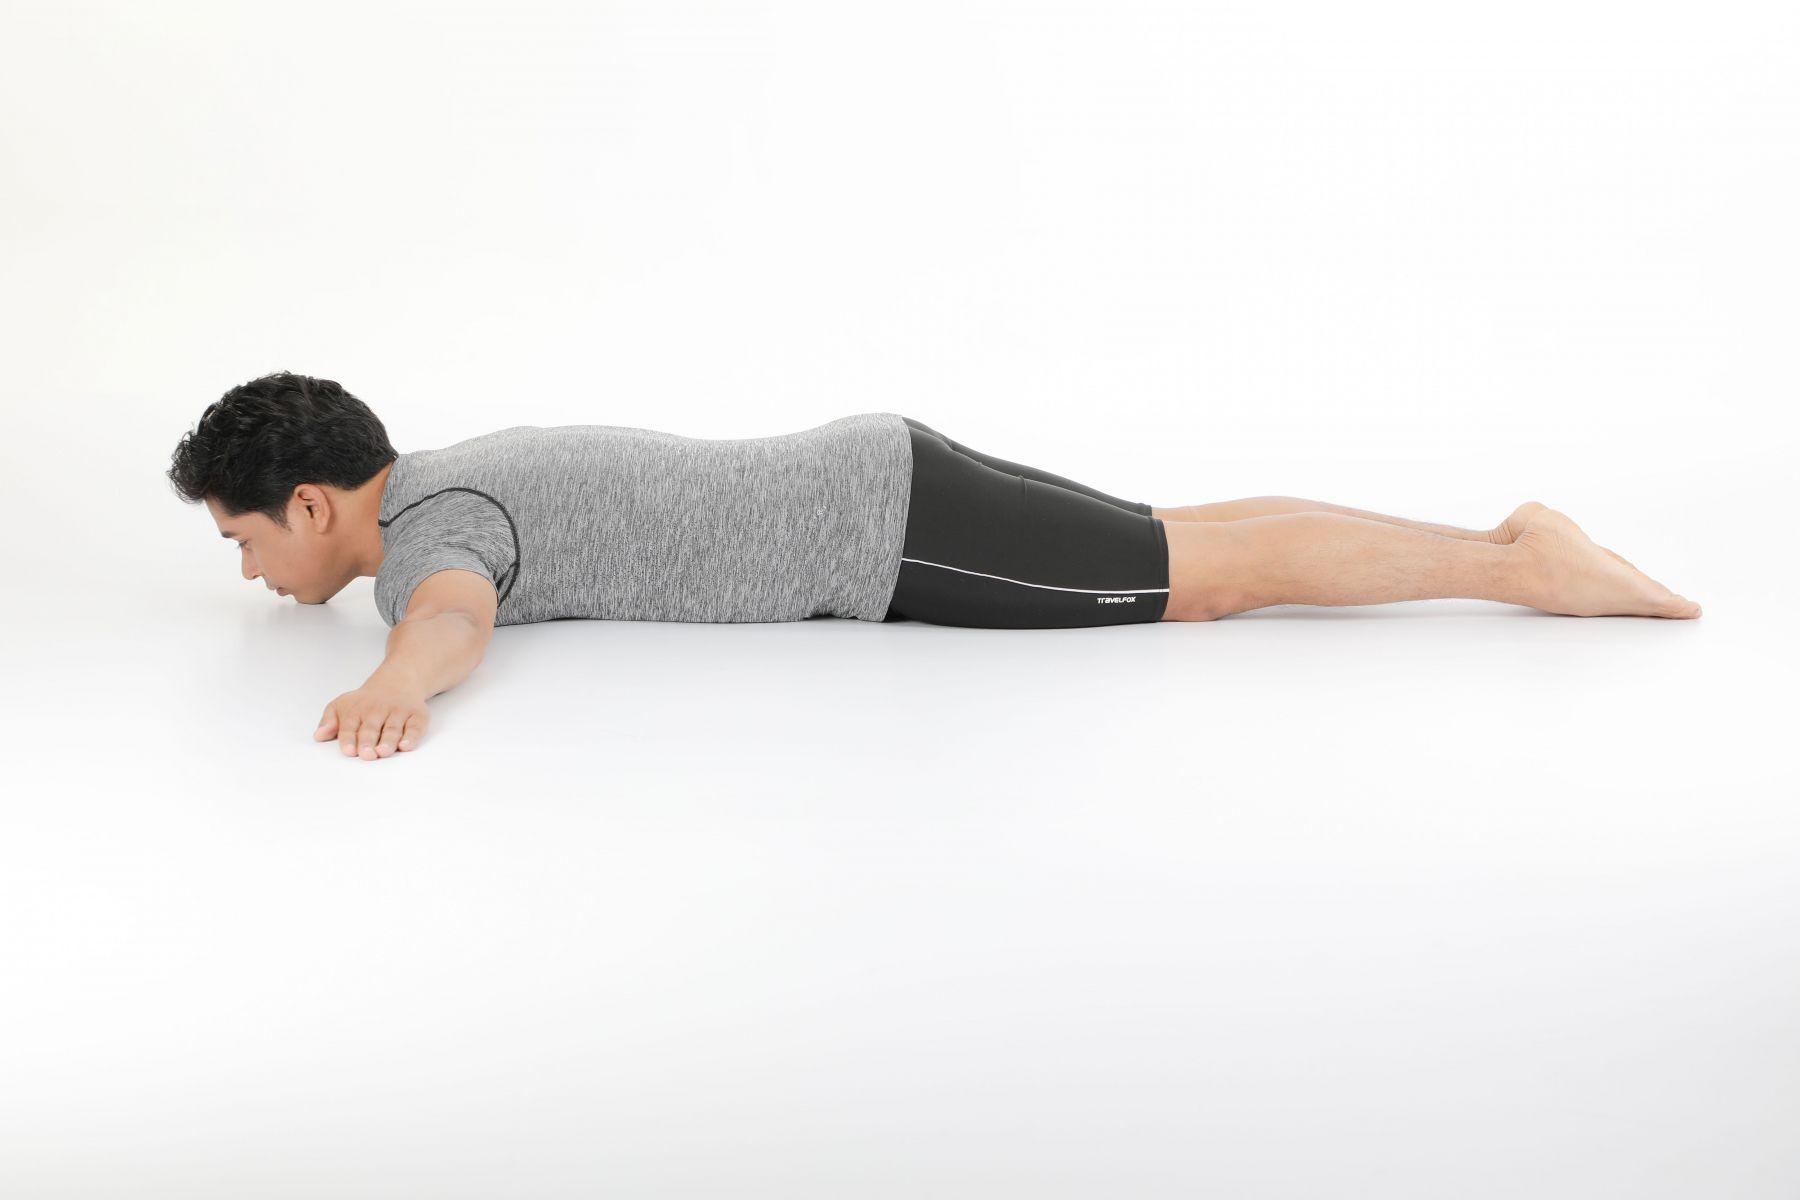 俯臥姿。左手臂保持在肩膀高度往外延伸,掌心朝下。